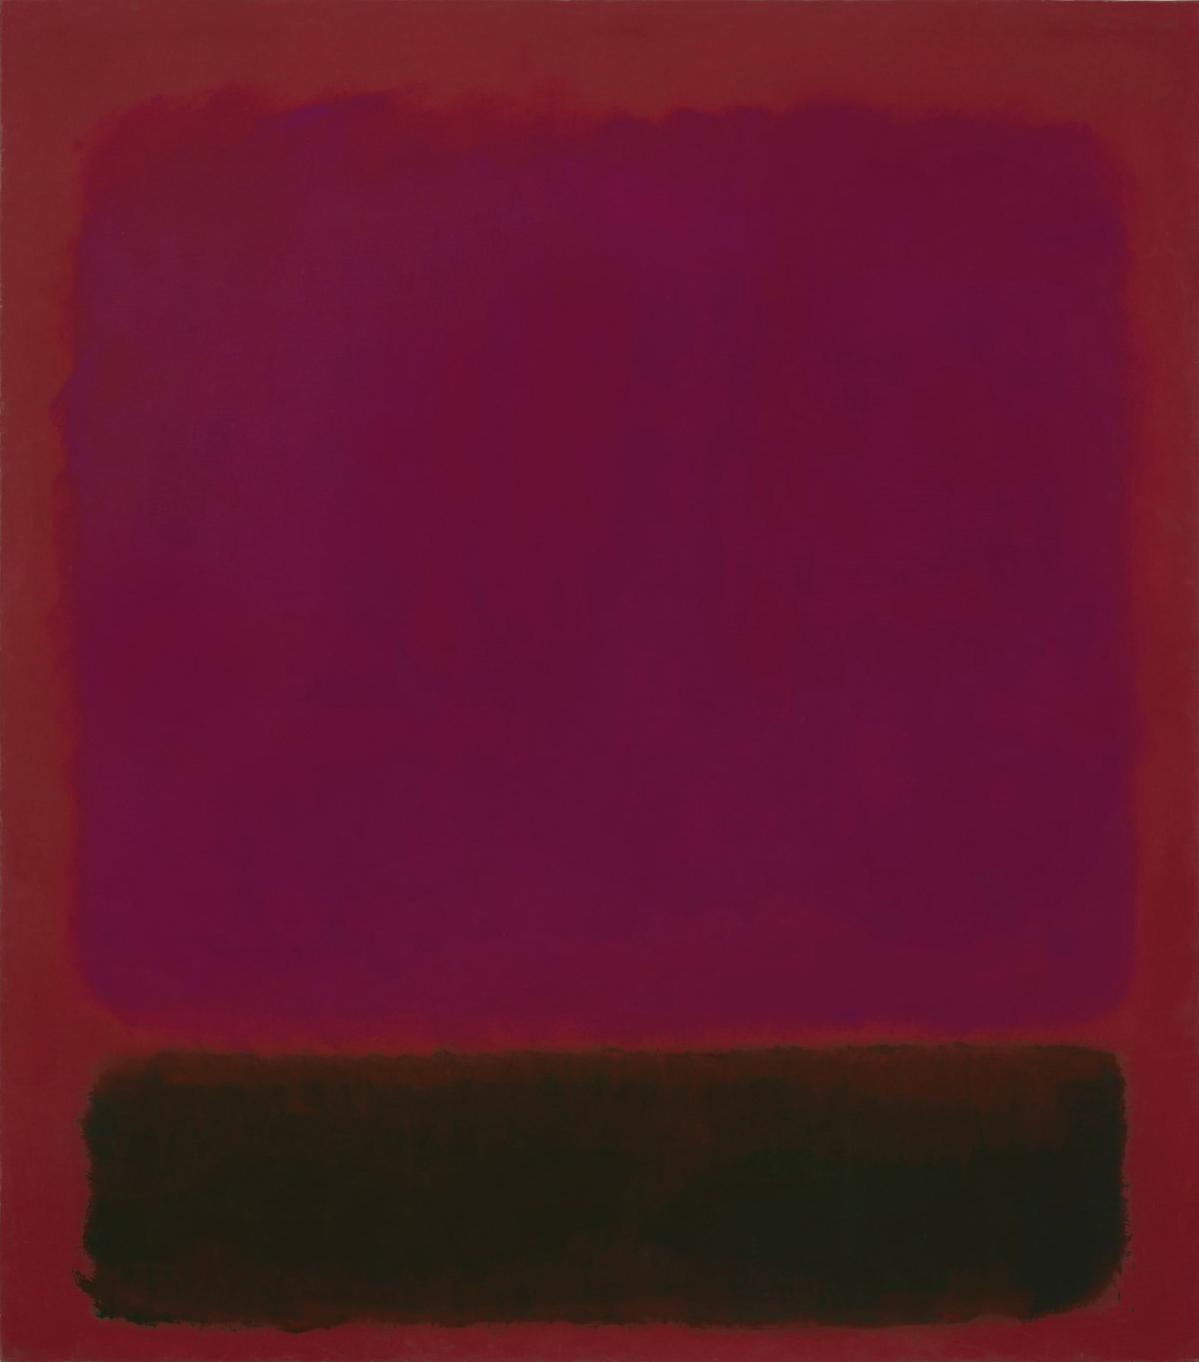 Марк Ротко. «Без названия», 1967